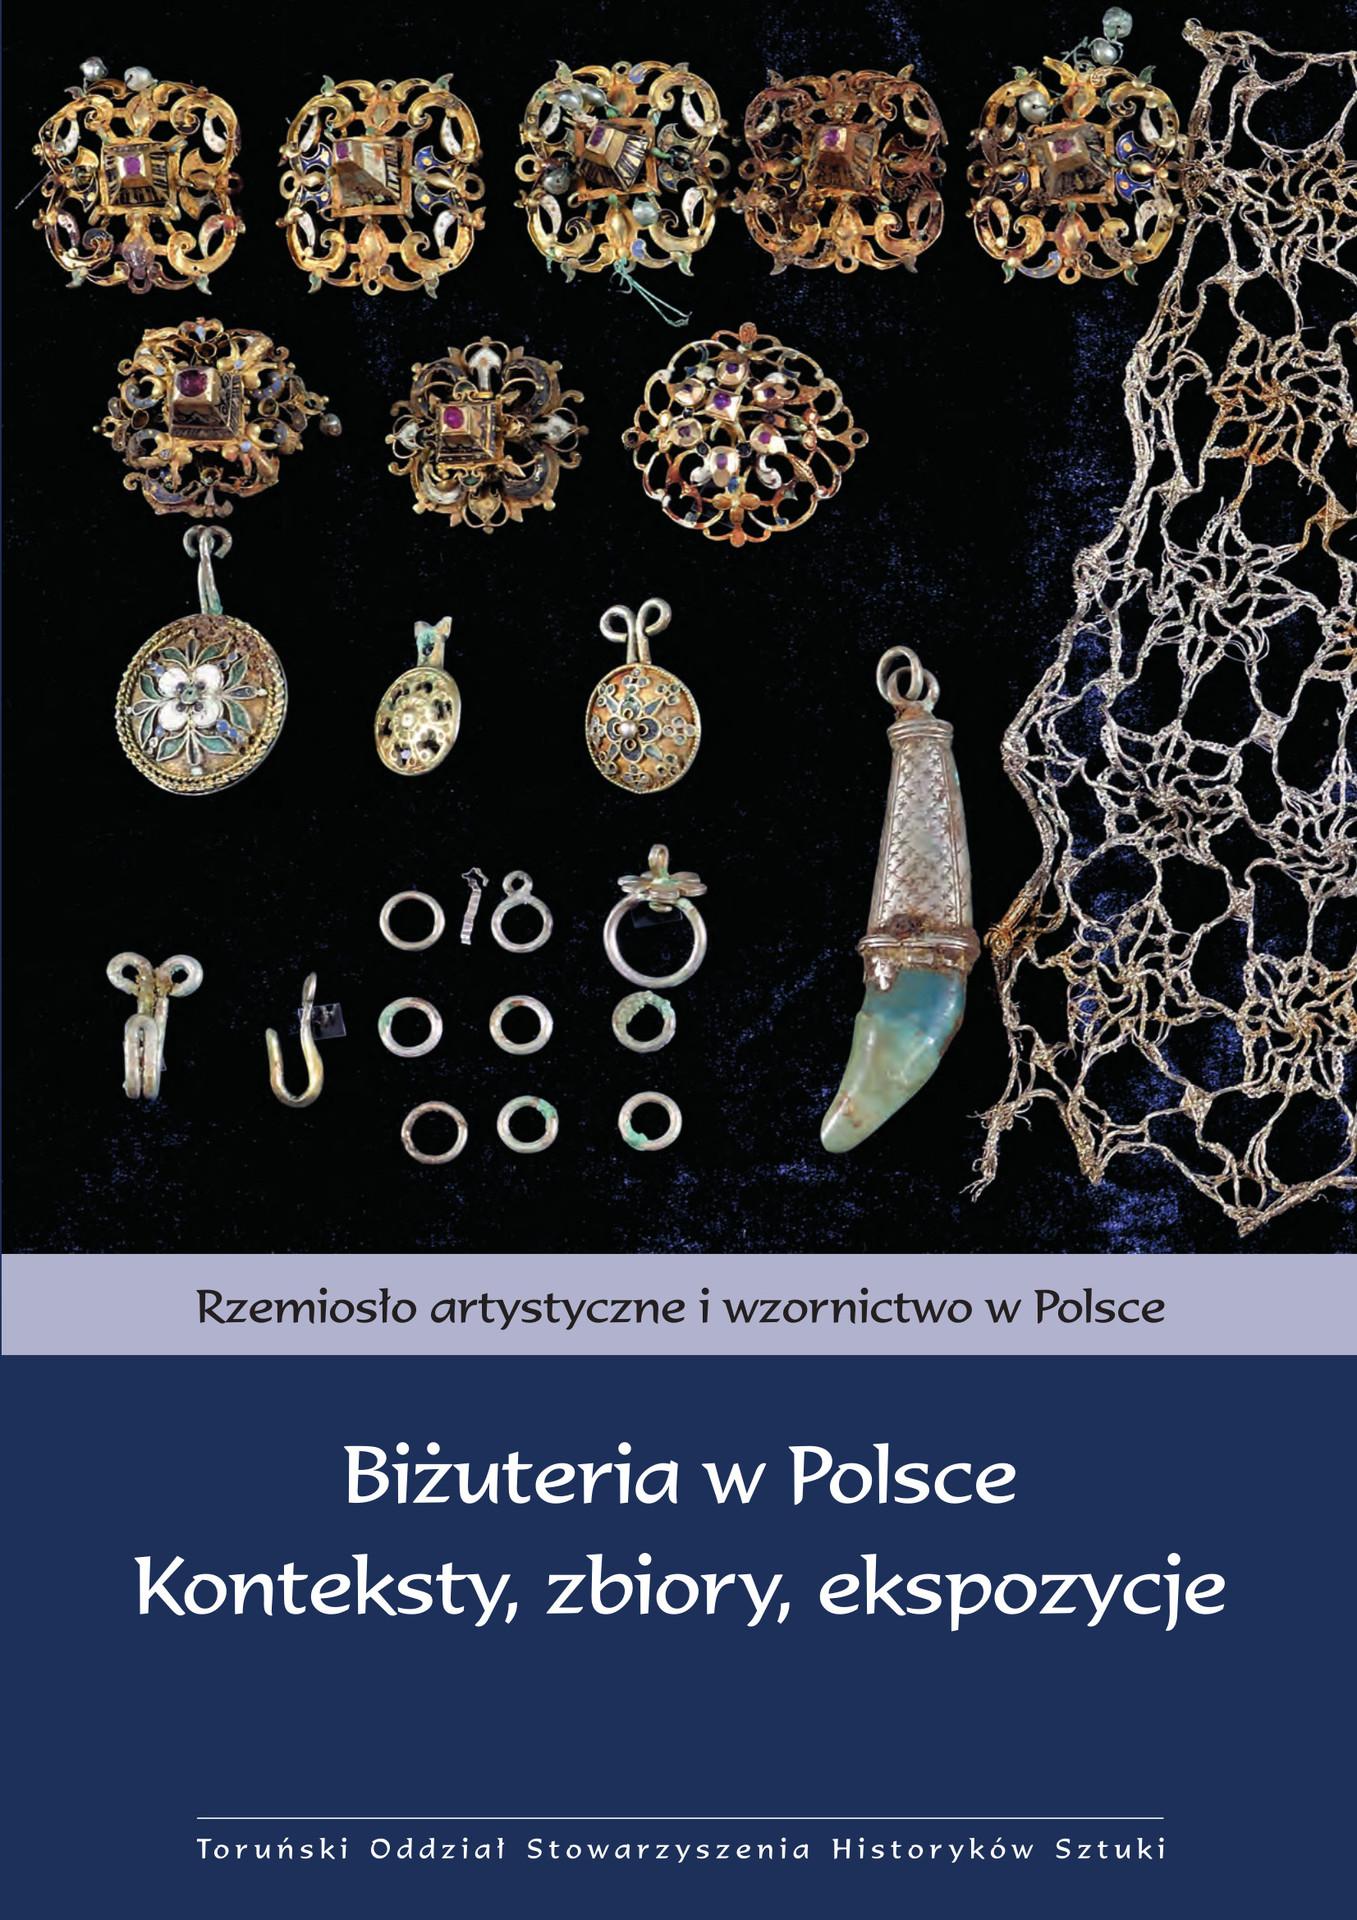 bizuteria-w-polsce-17-2019-cezary-utowicz-lekki-2019-11-05.jpeg